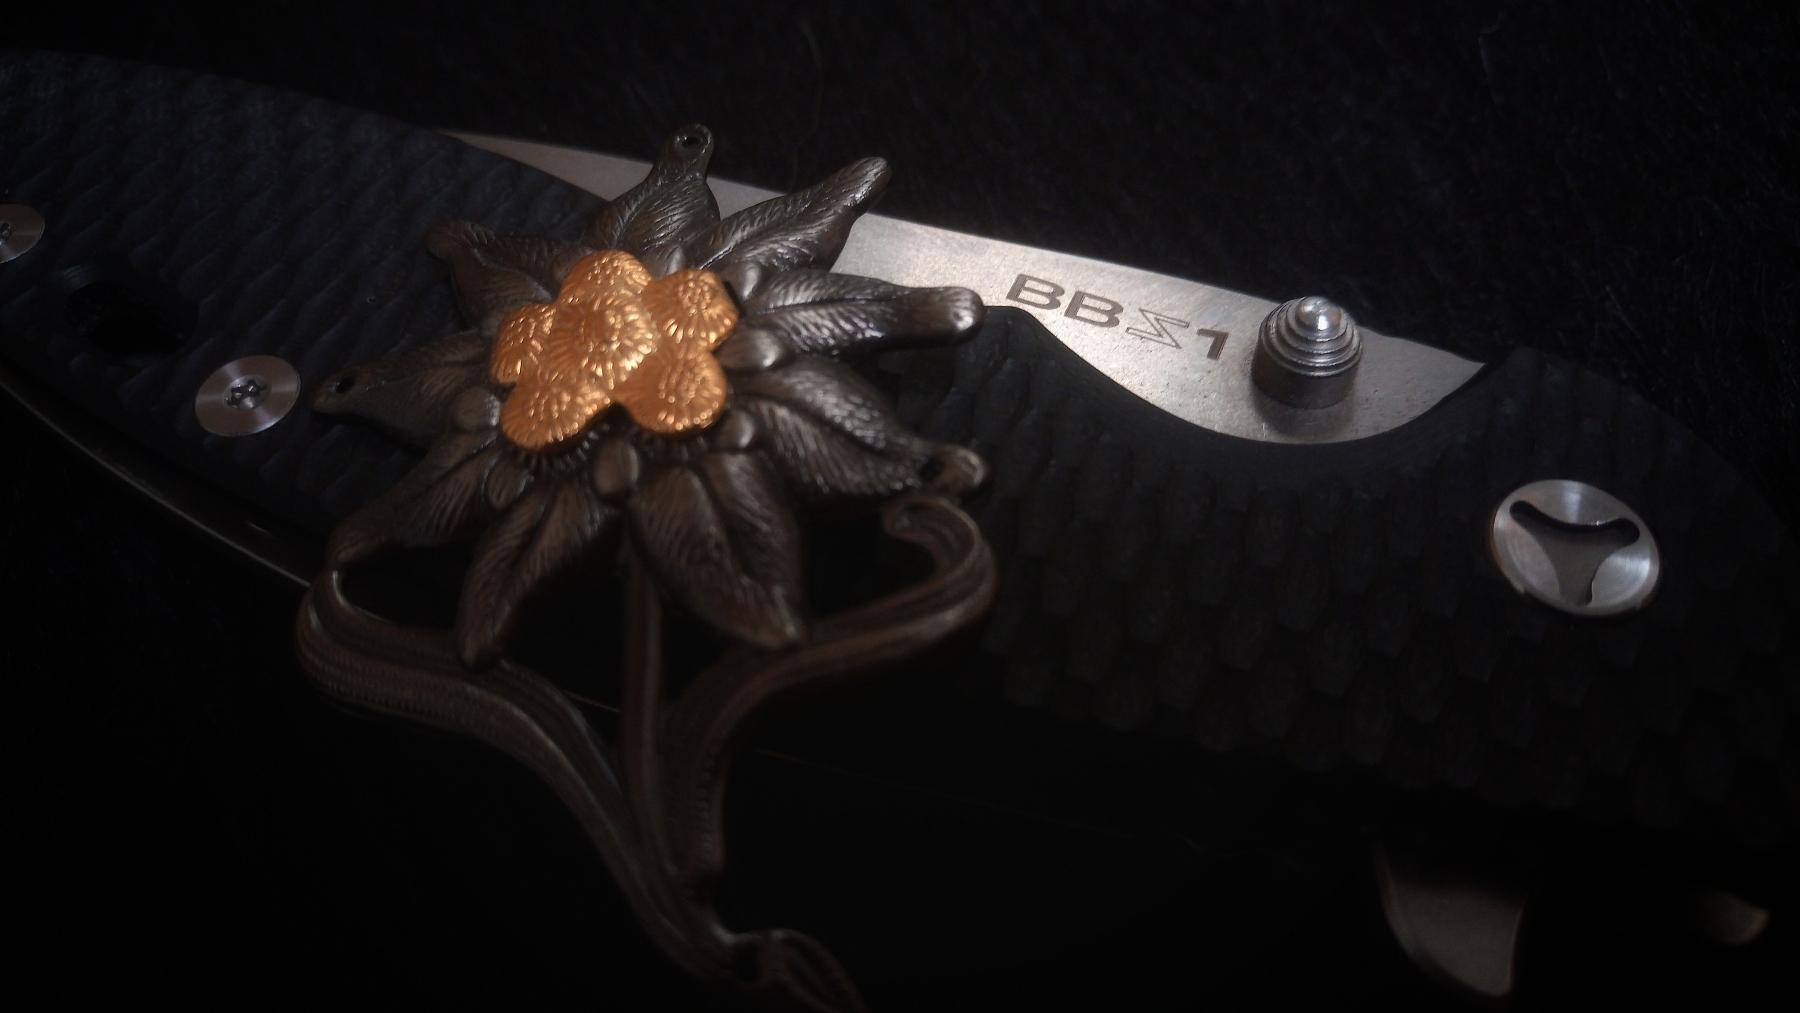 BladeBuddies_Taschenmesser (8)